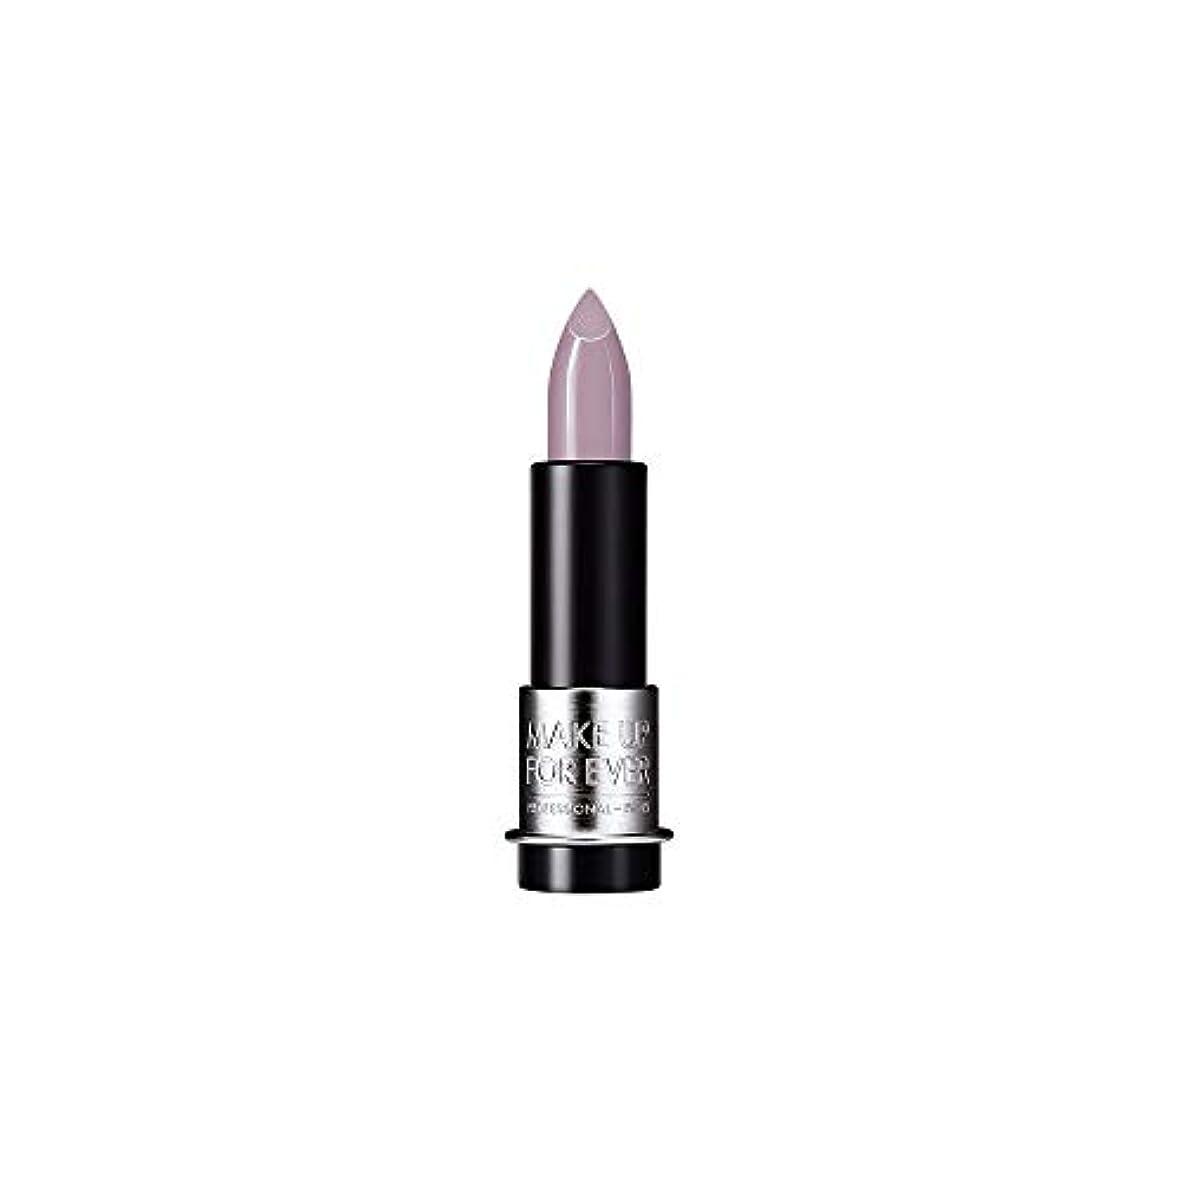 もっともらしい収入負担[MAKE UP FOR EVER] これまでアーティストルージュクリーム口紅3.5グラムのC502を補う - トープバイオレット - MAKE UP FOR EVER Artist Rouge Creme Lipstick...